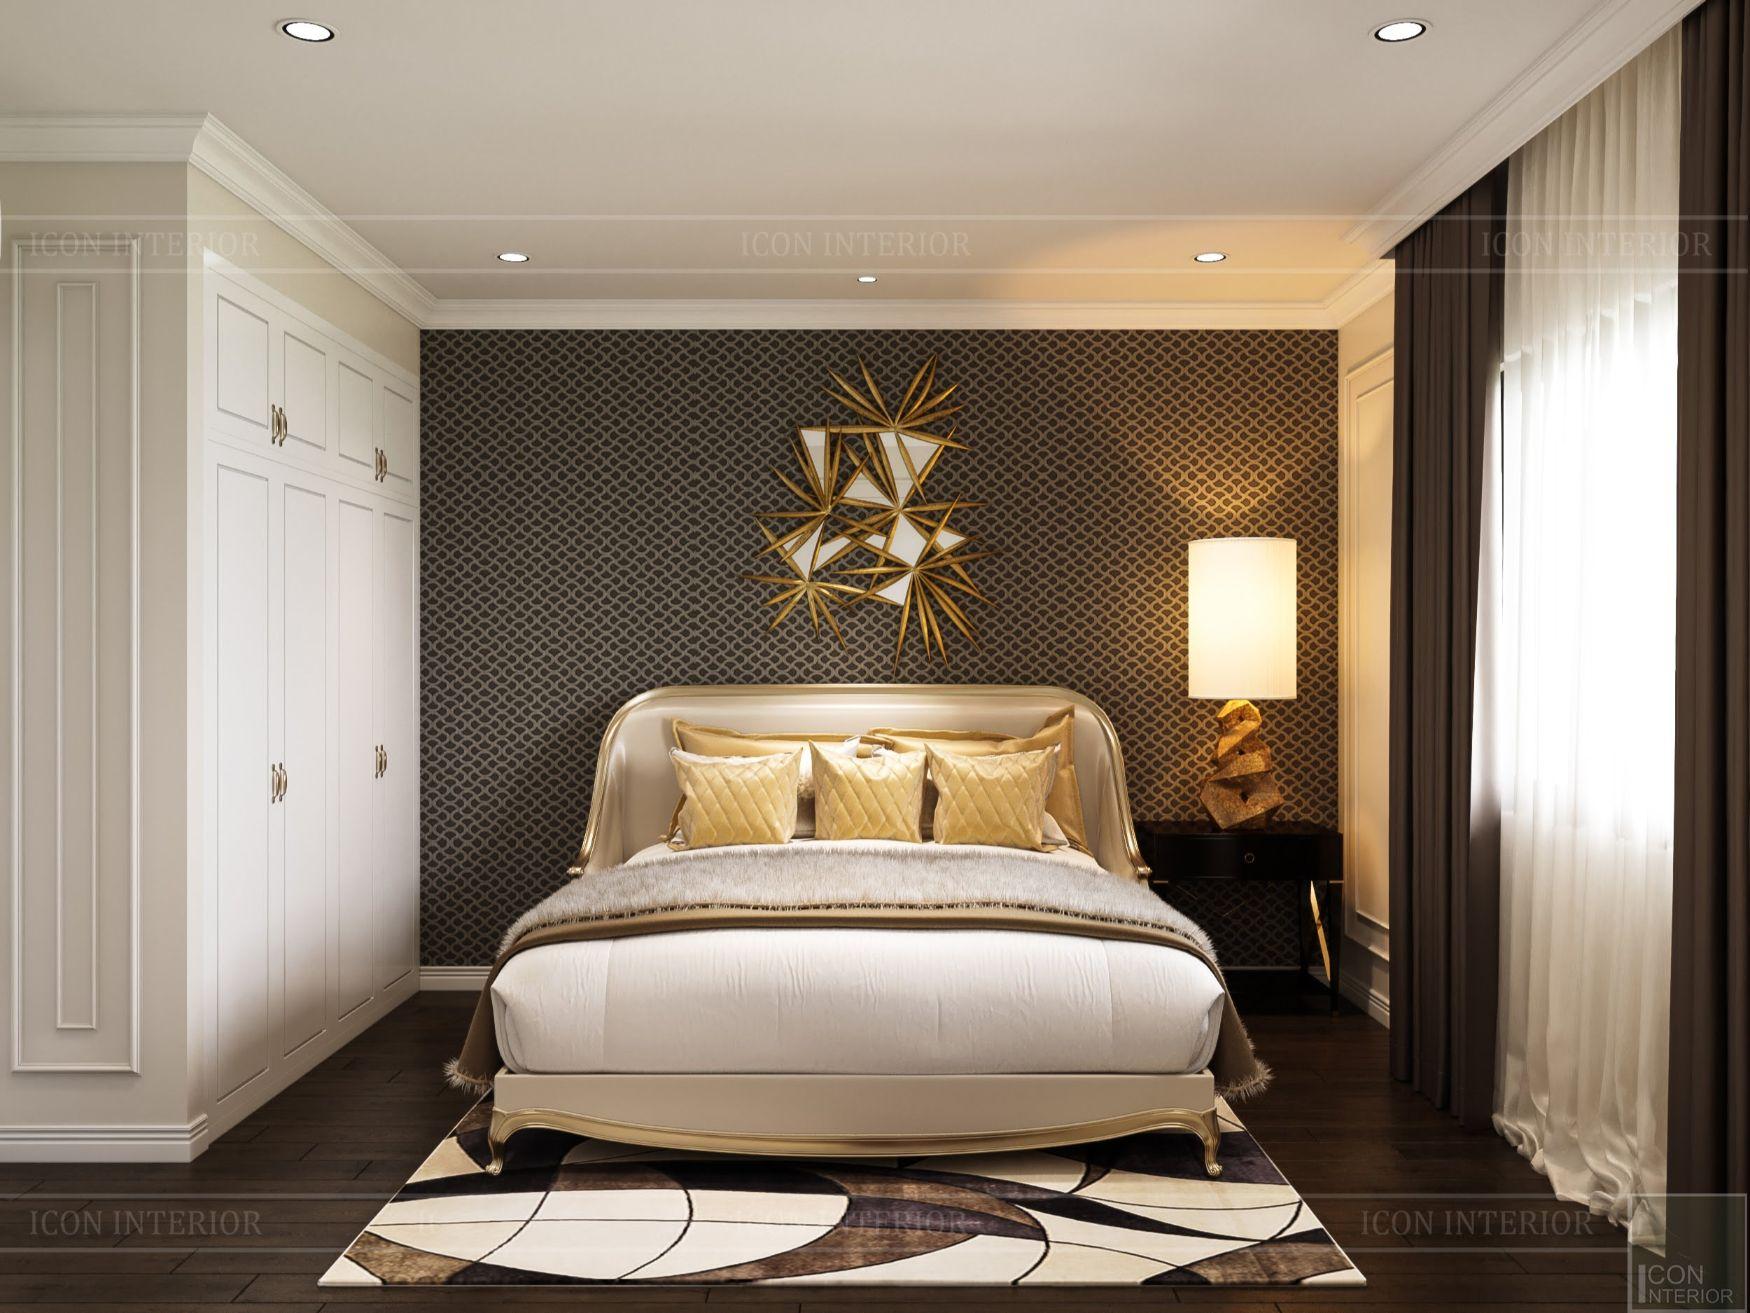 mẫu thiết kế nội thất biệt thự - phòng ngủ 1